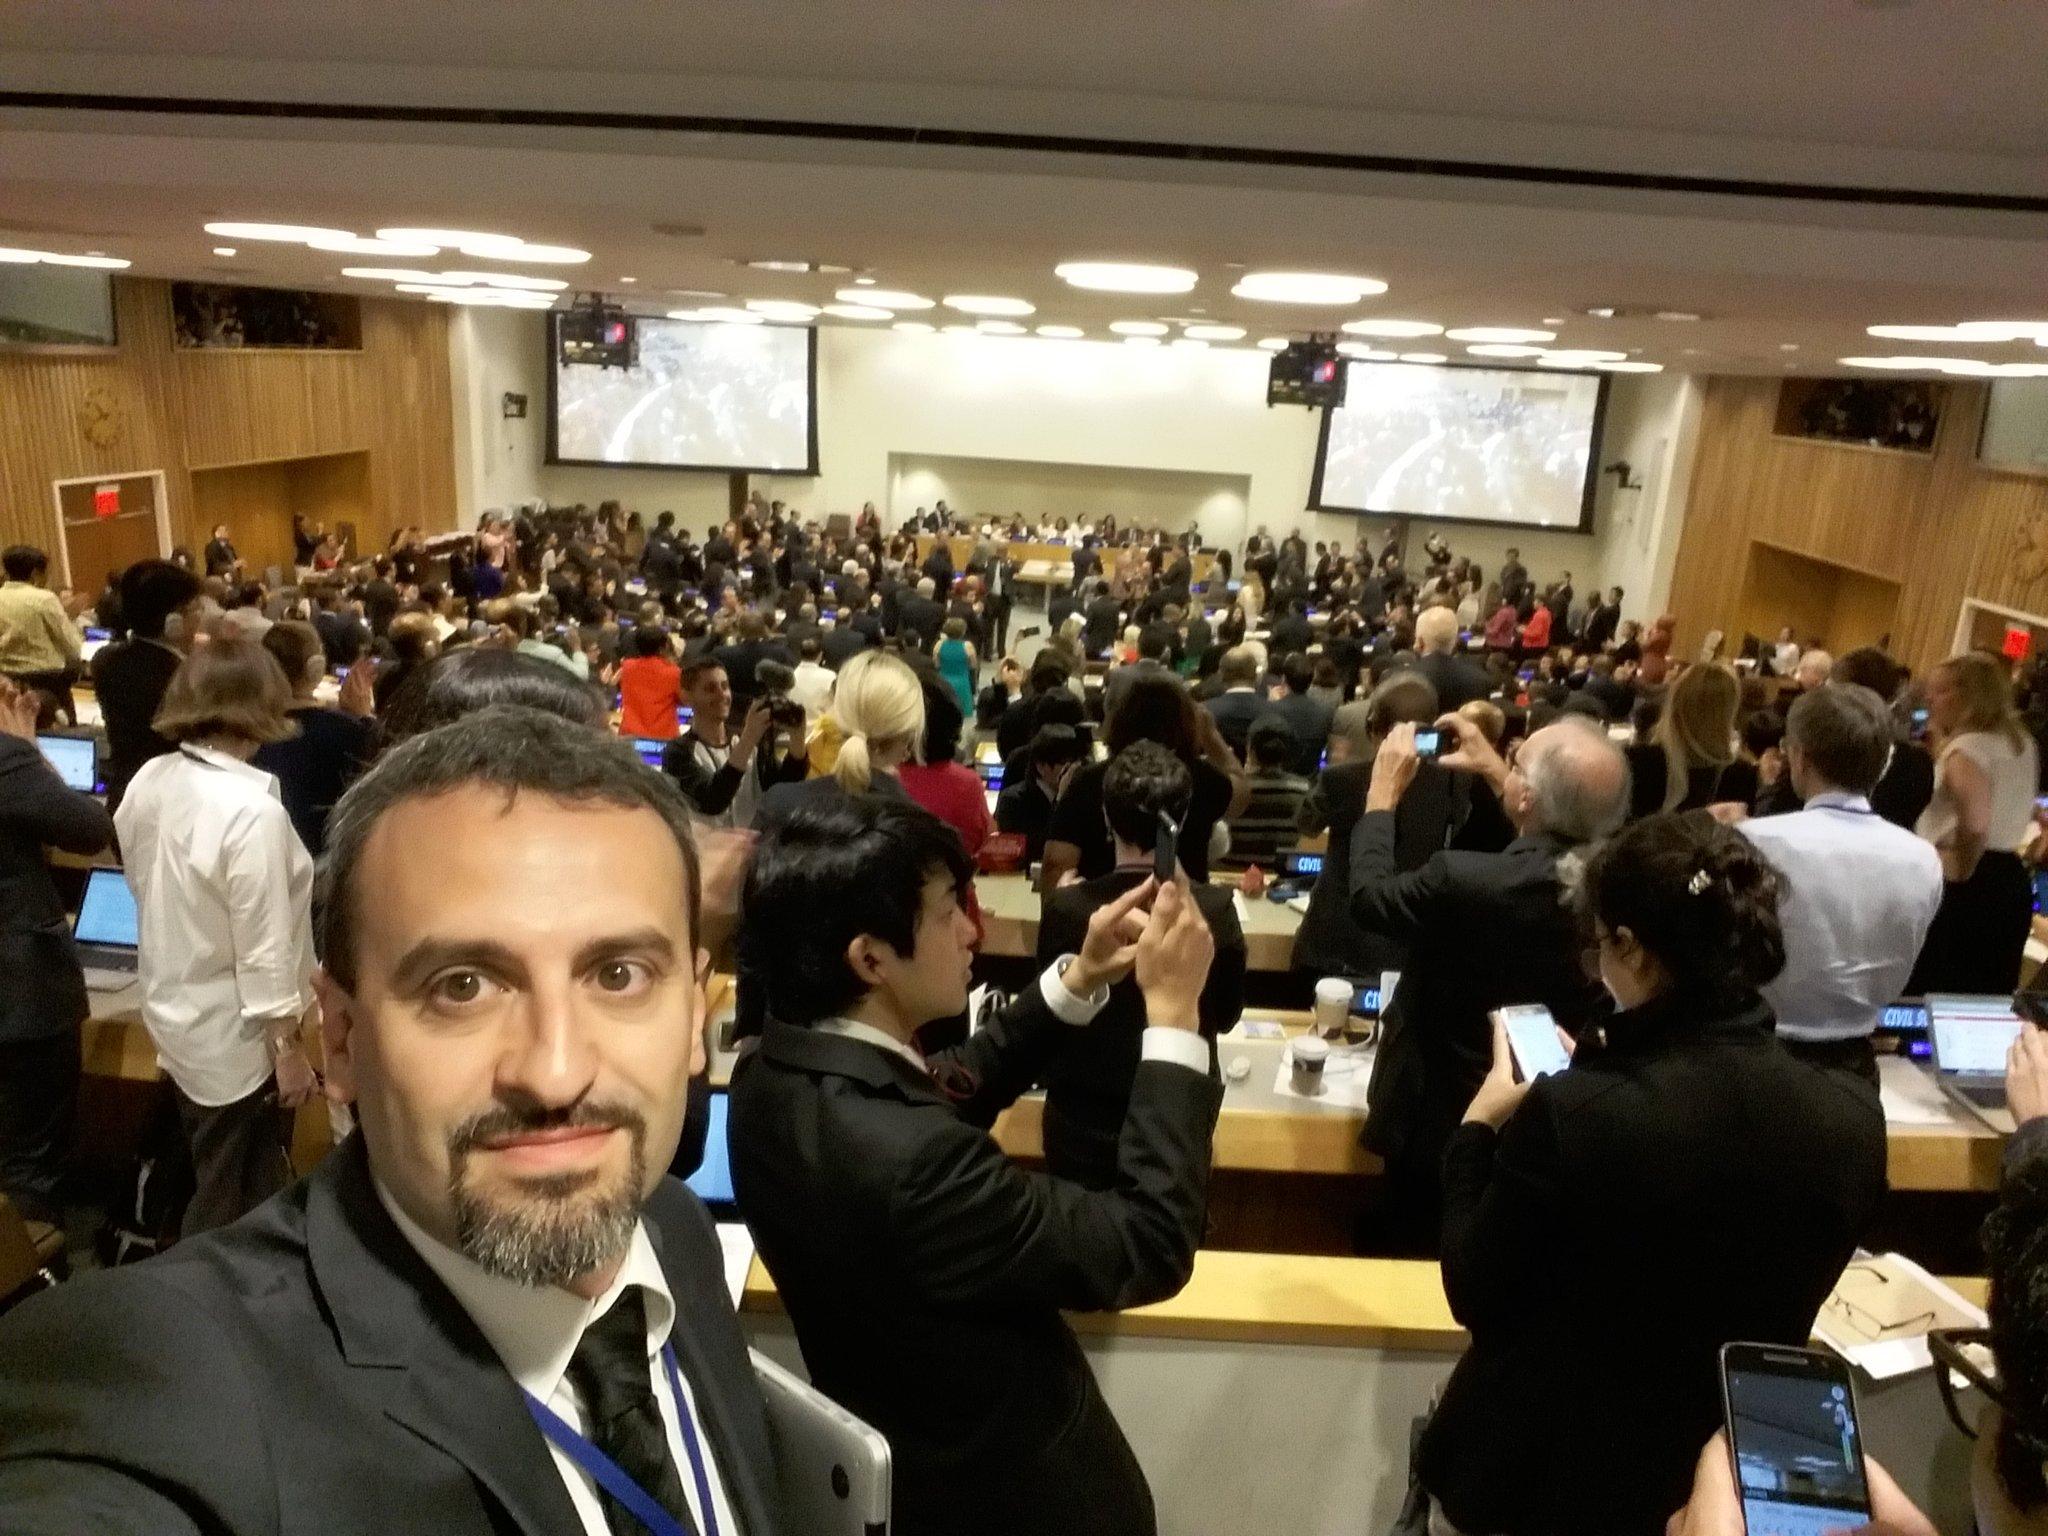 """Al Palazzo di Vetro dell'ONU per il """"Primo Comitato"""" sul Disarmo dell'Assemblea Generale - ottobre 2016"""